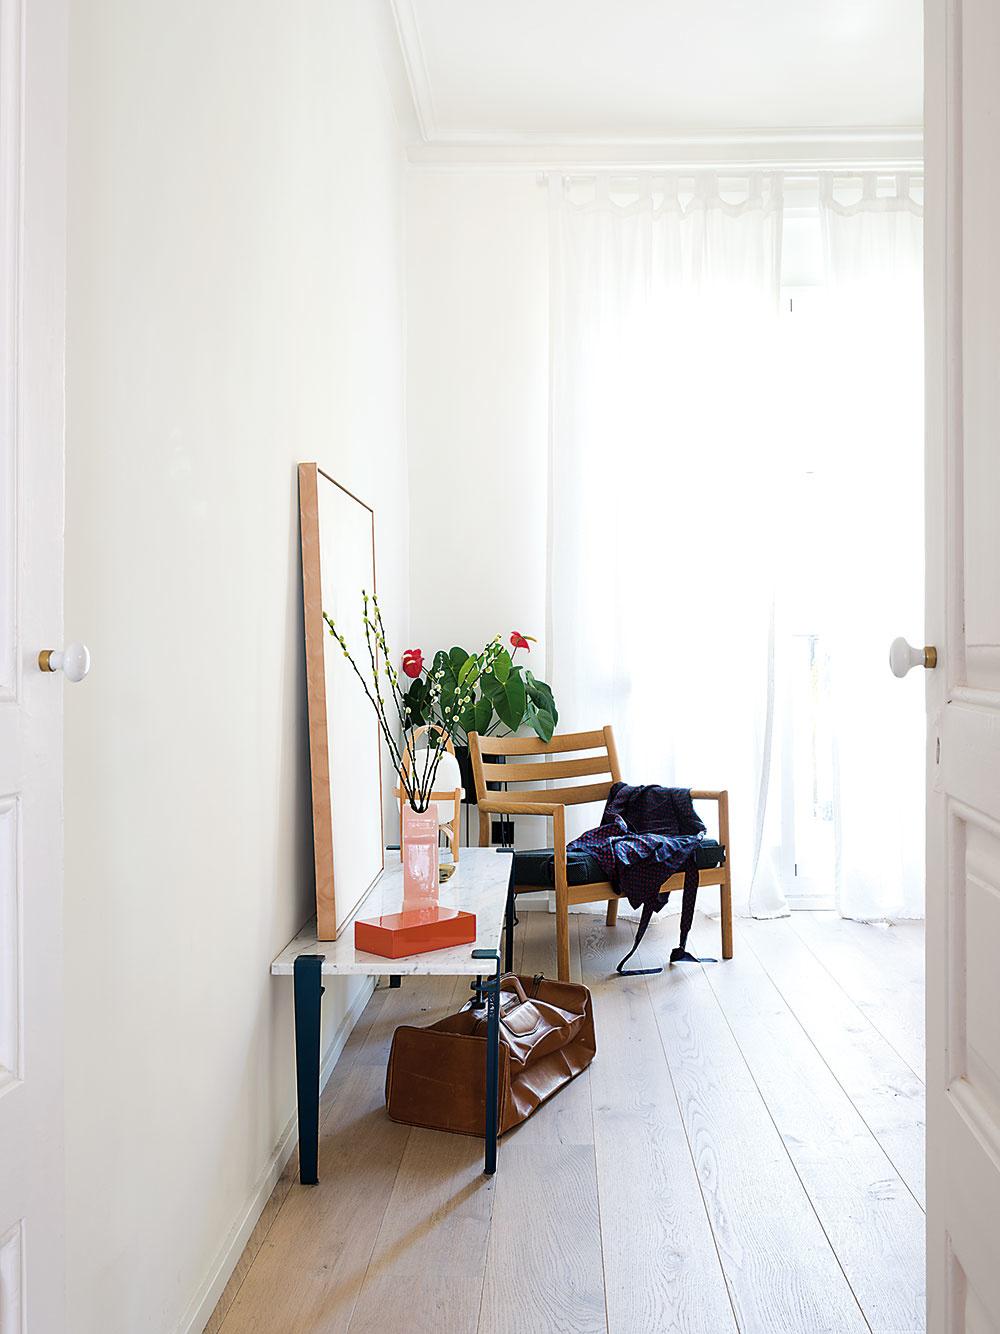 V oboch spálňach aj dennej časti zvolili architekti dubovú podlahu, čo priestor zjednocuje.